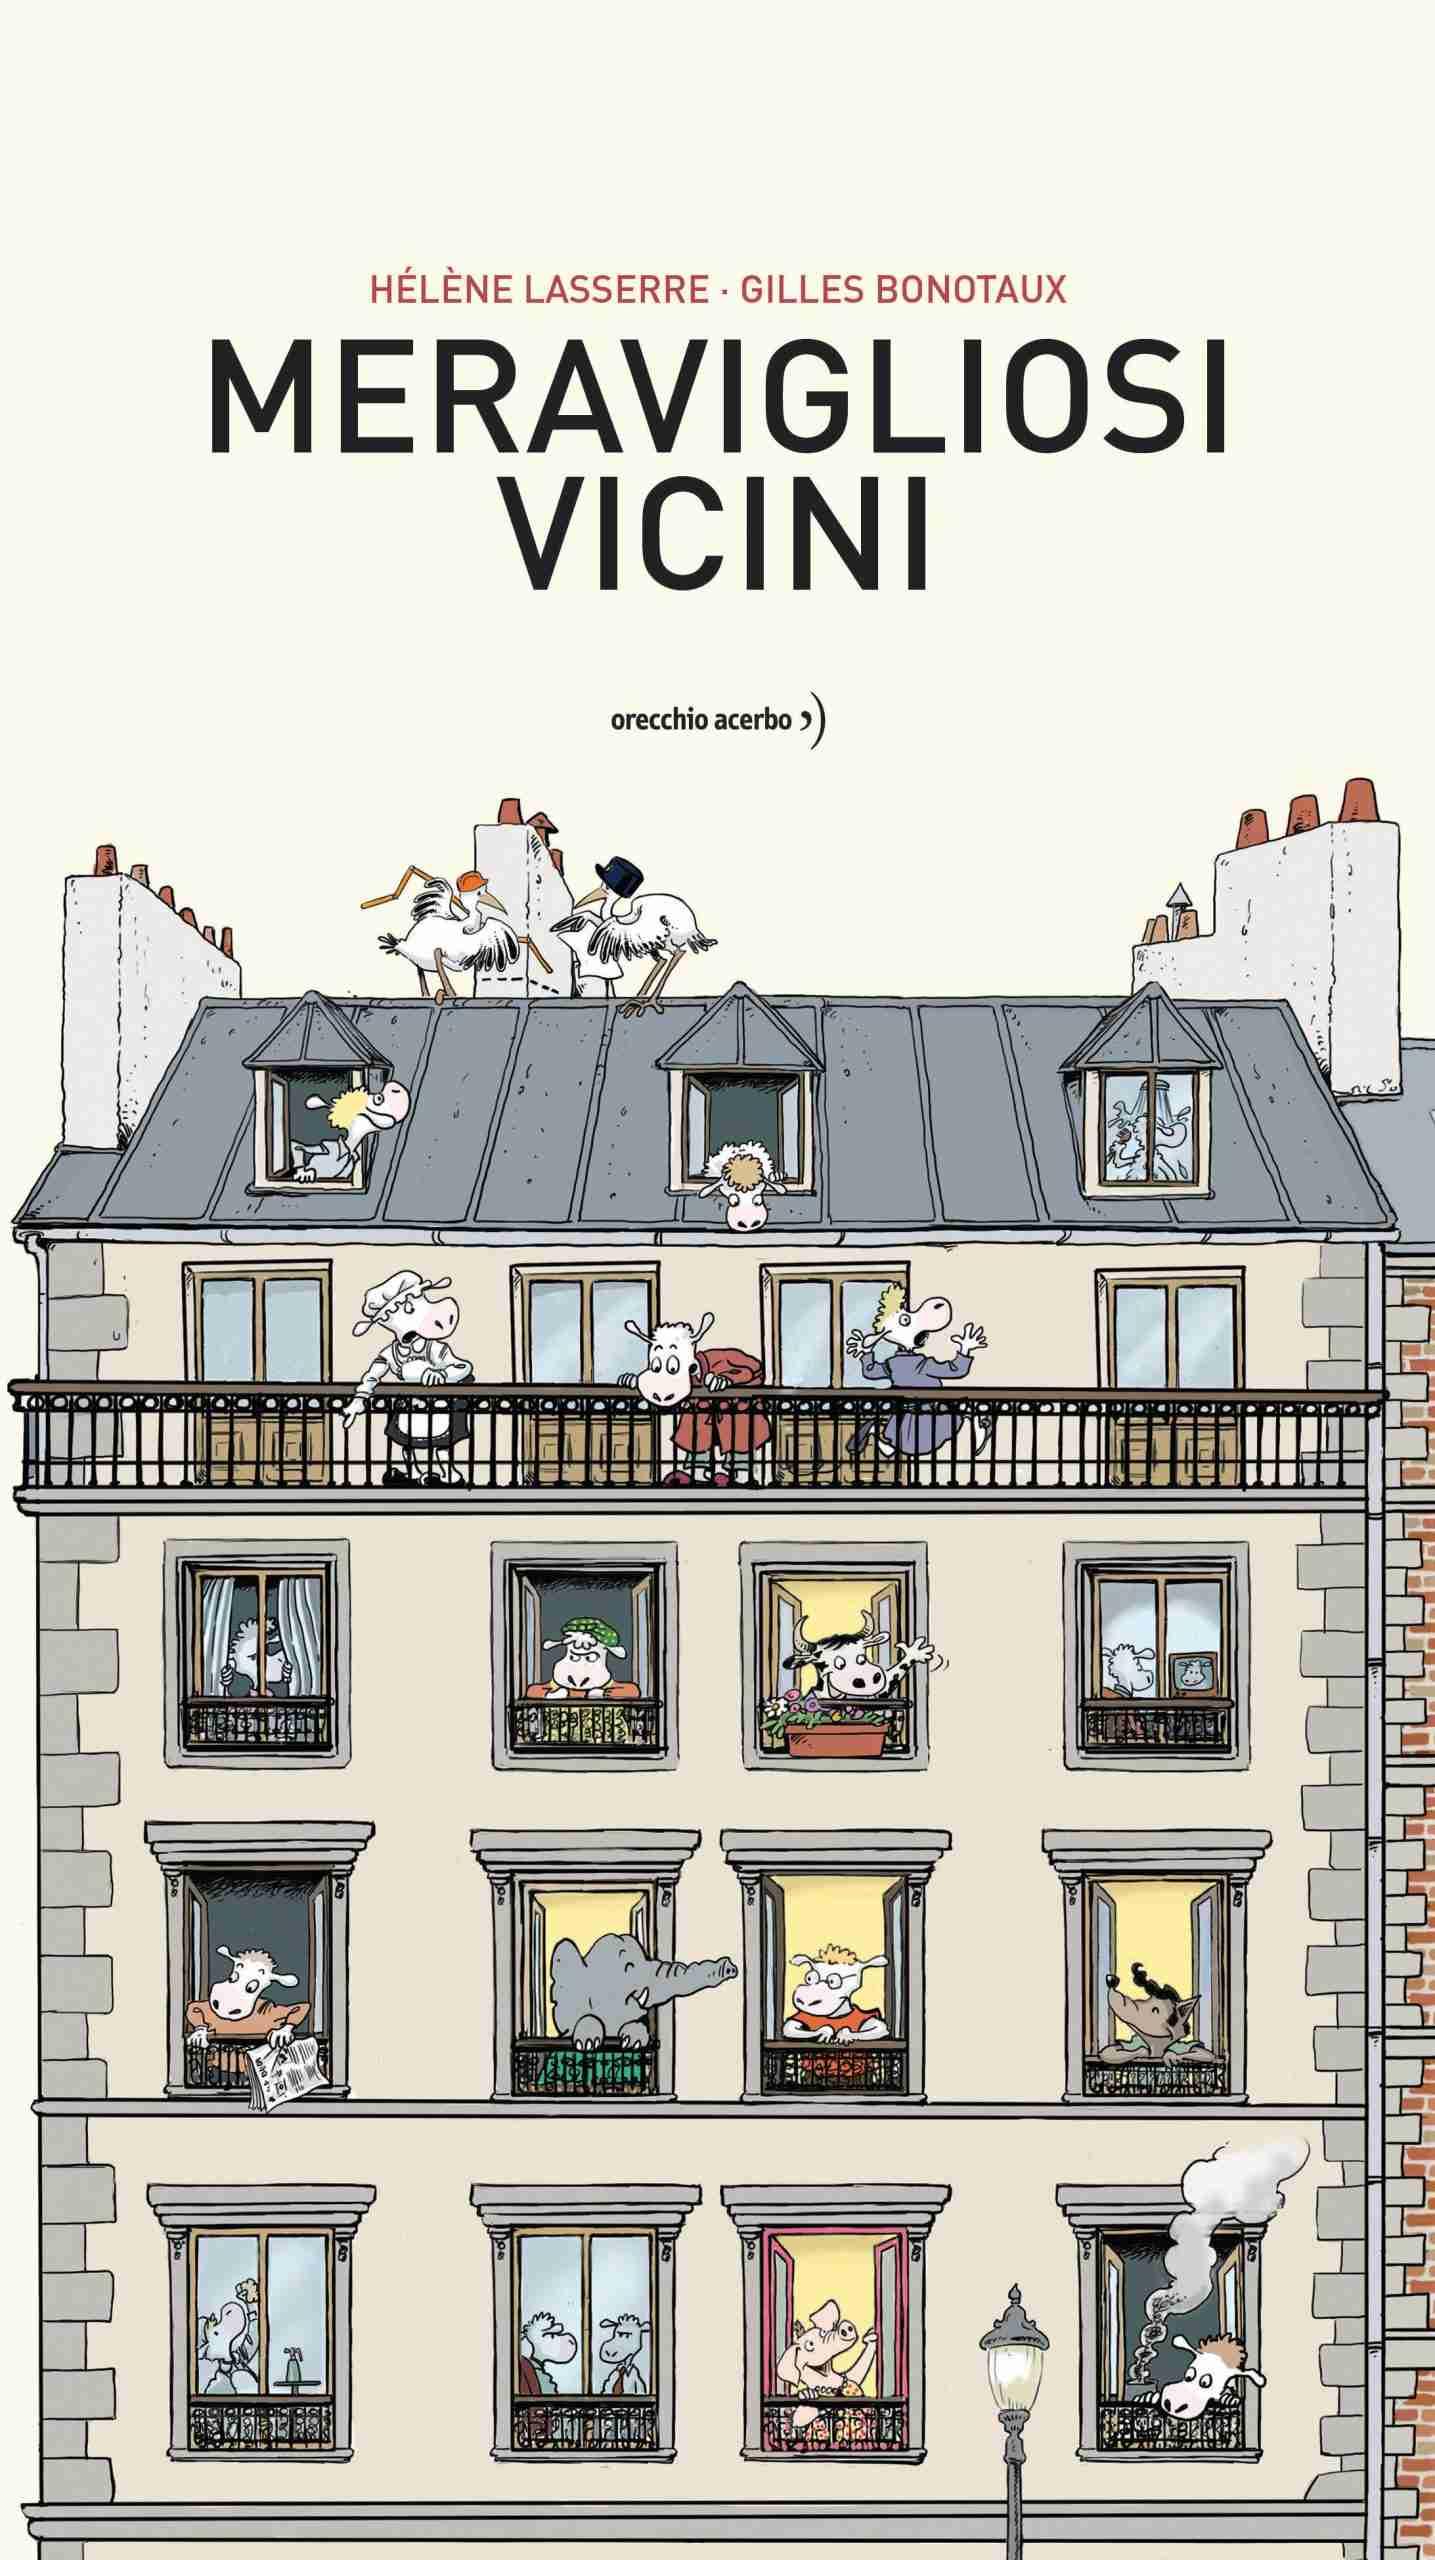 MERAVIGLIOSI VICINI di Hélène Lasserre e Gilles Bonotaux, ORECCHIO ACERBO EDITORE